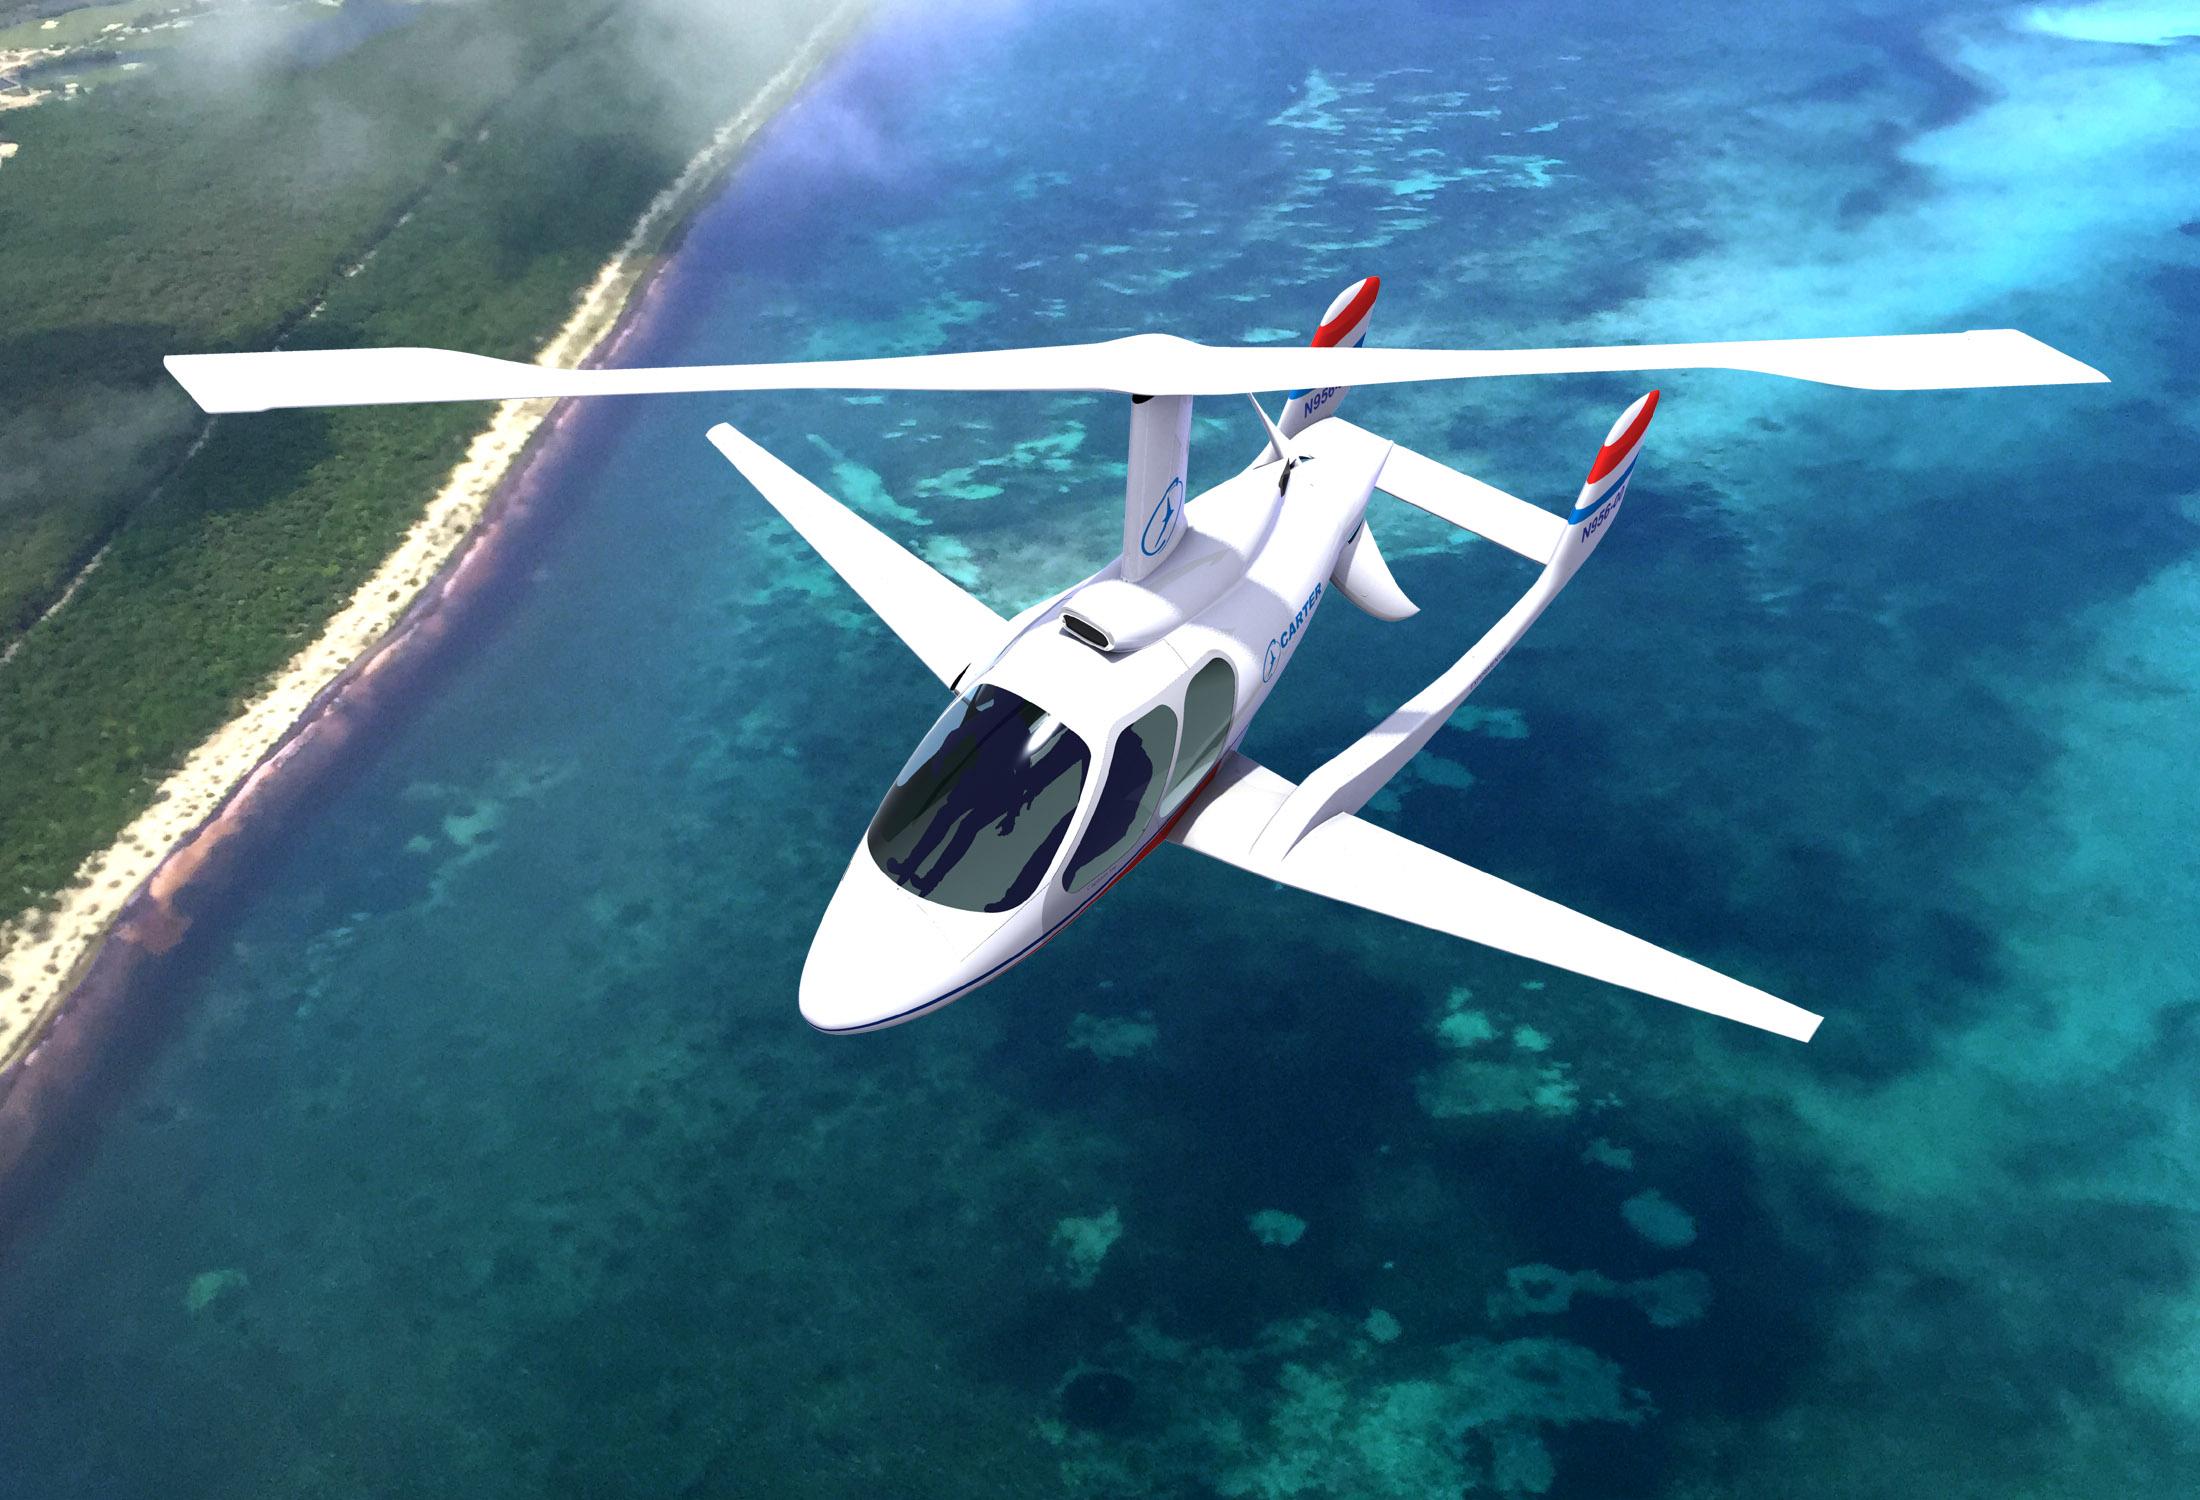 General Aviation VTOL